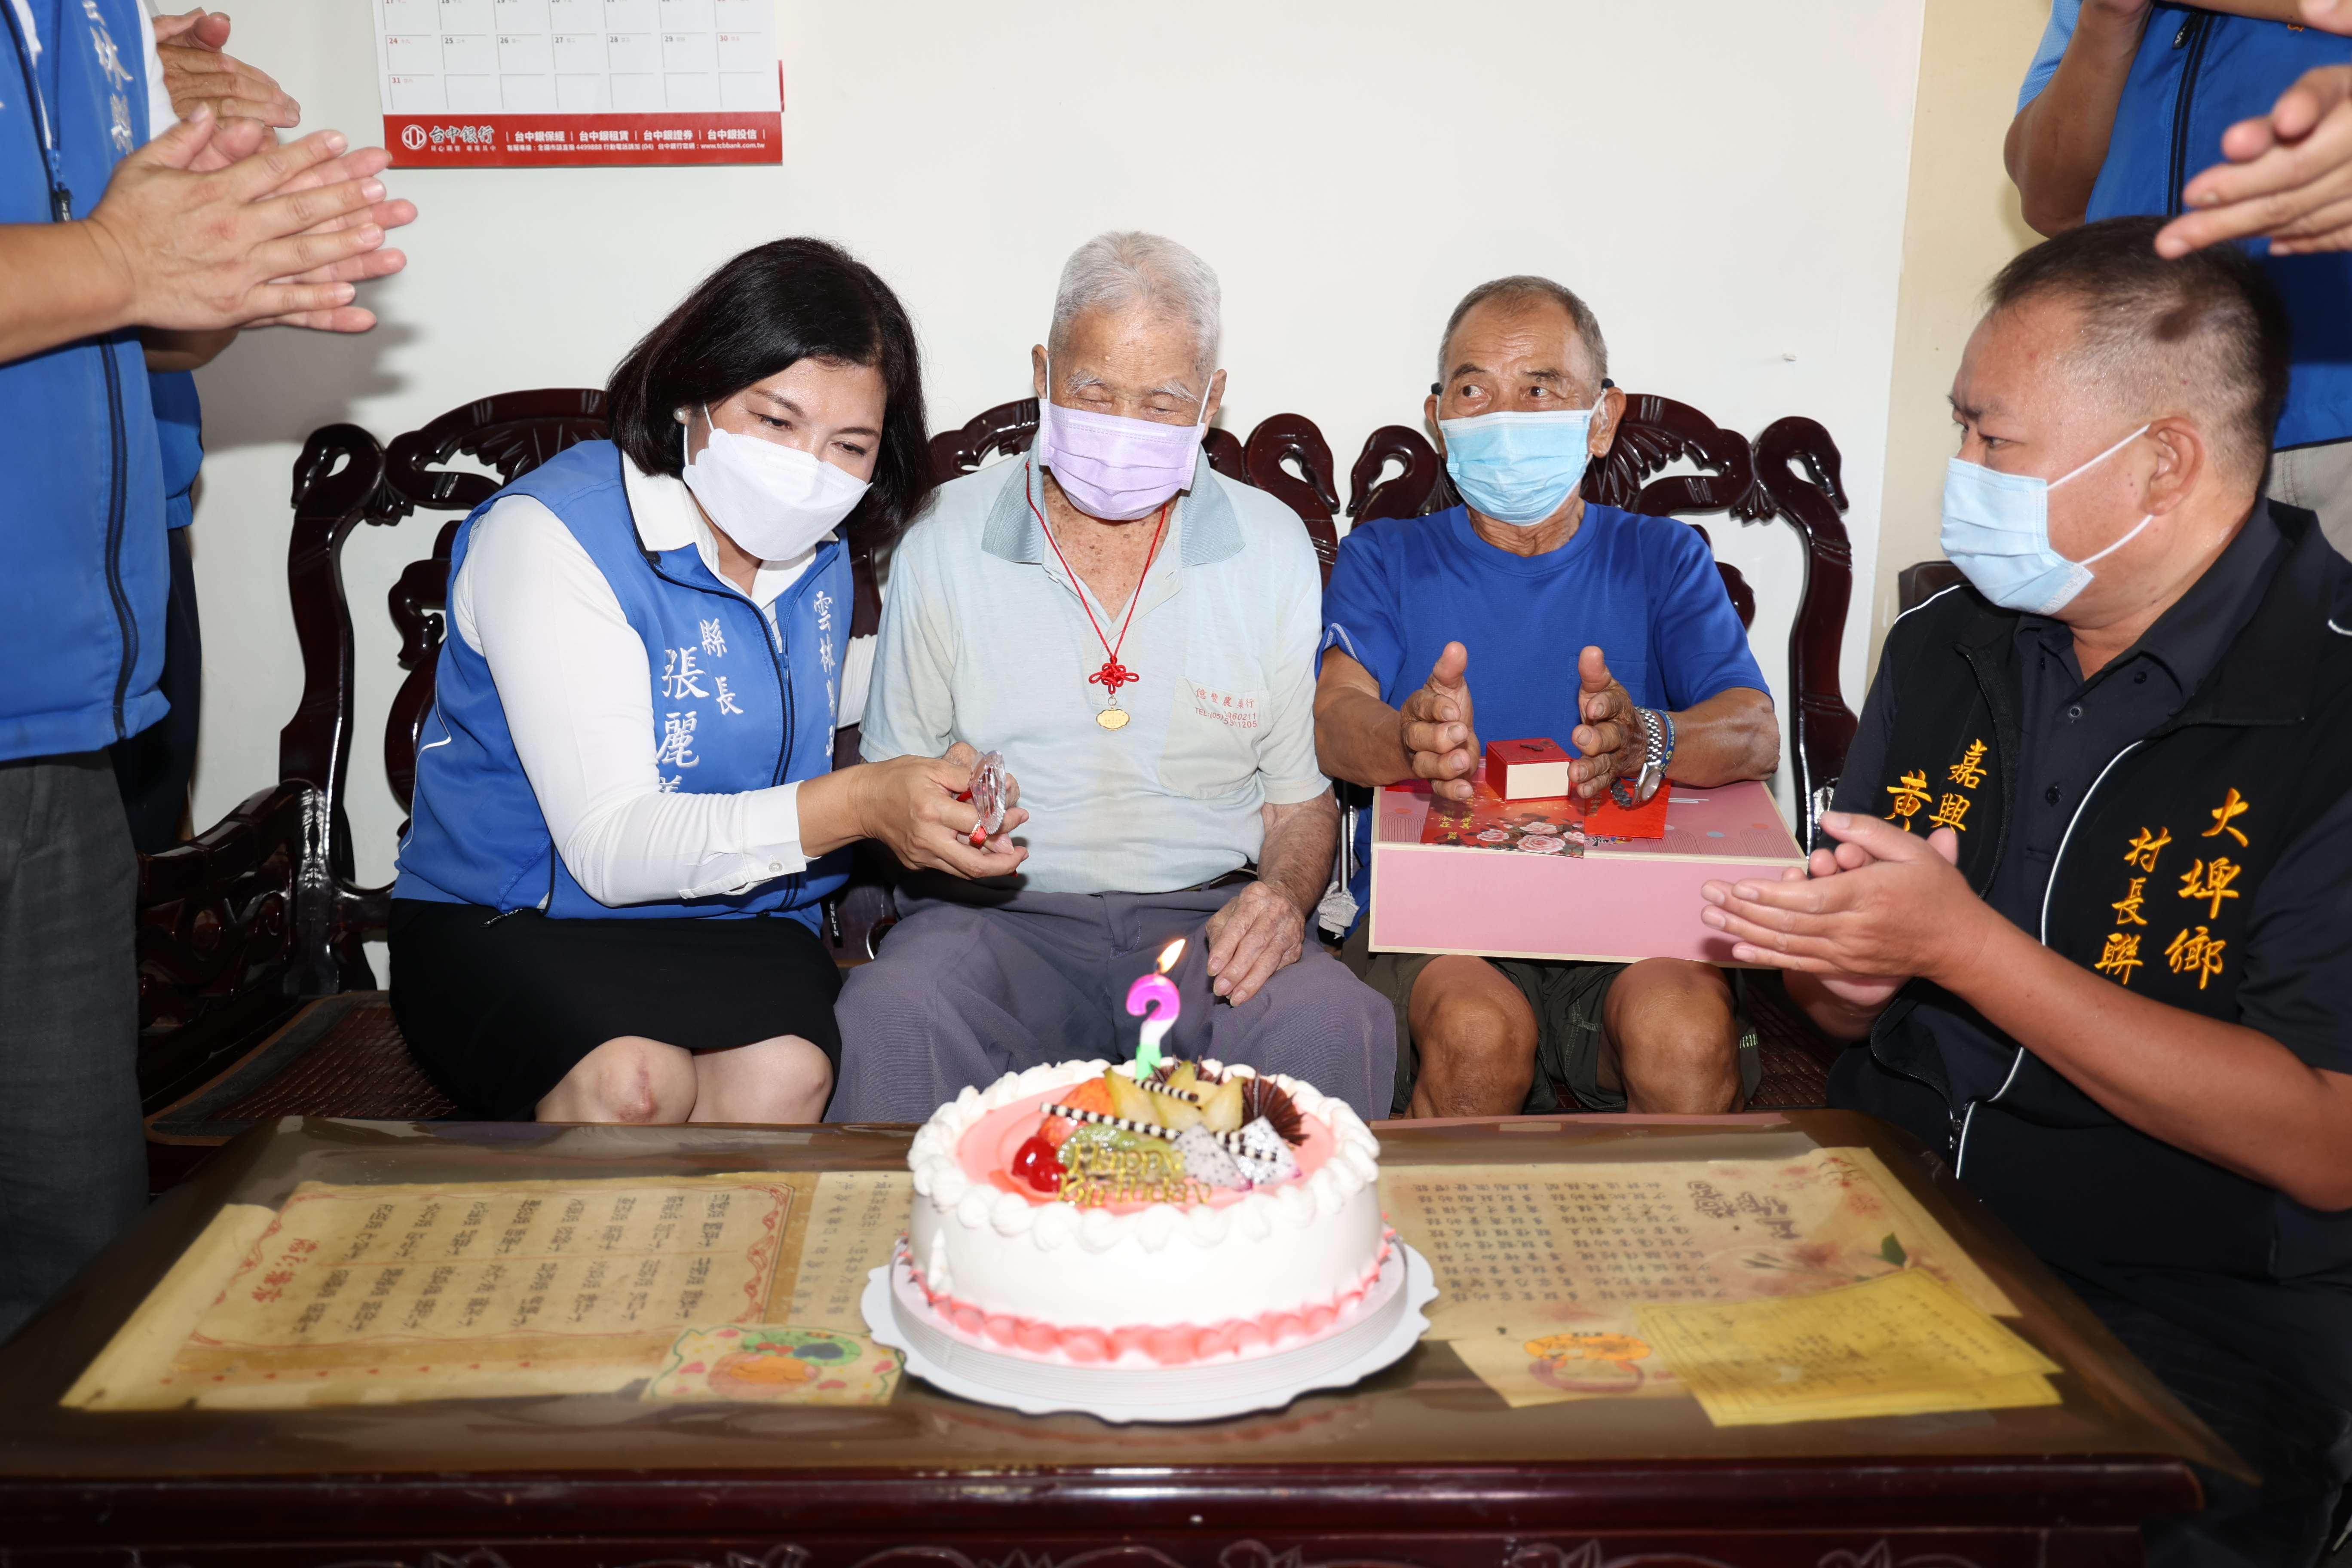 重陽節前夕,張縣長特地拜訪本縣最長壽大埤鄉江新旺阿公(110歲)